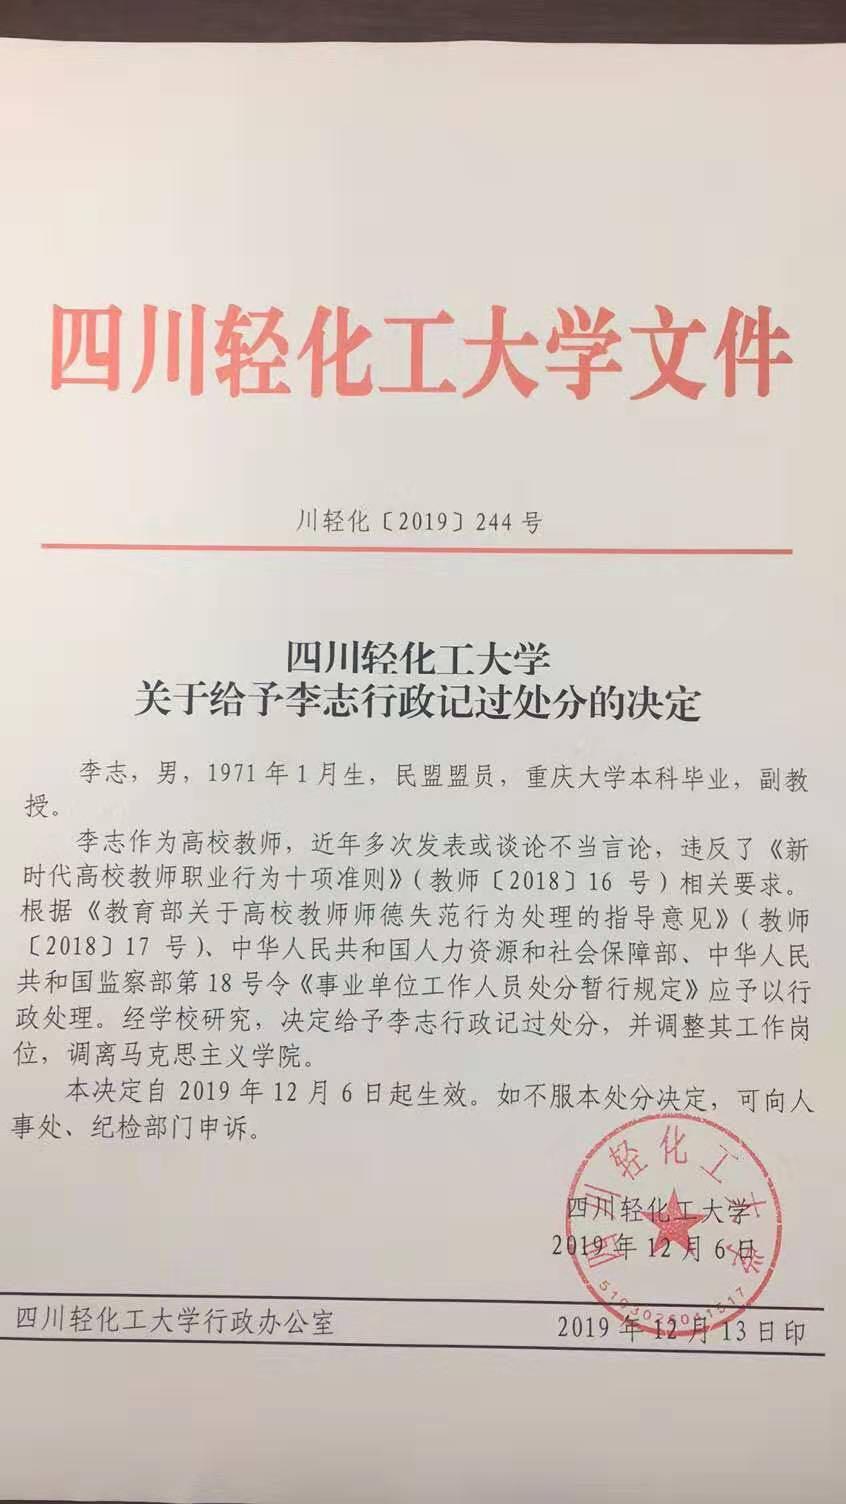 【立此存照】四川轻化工大学李志行政处分决定